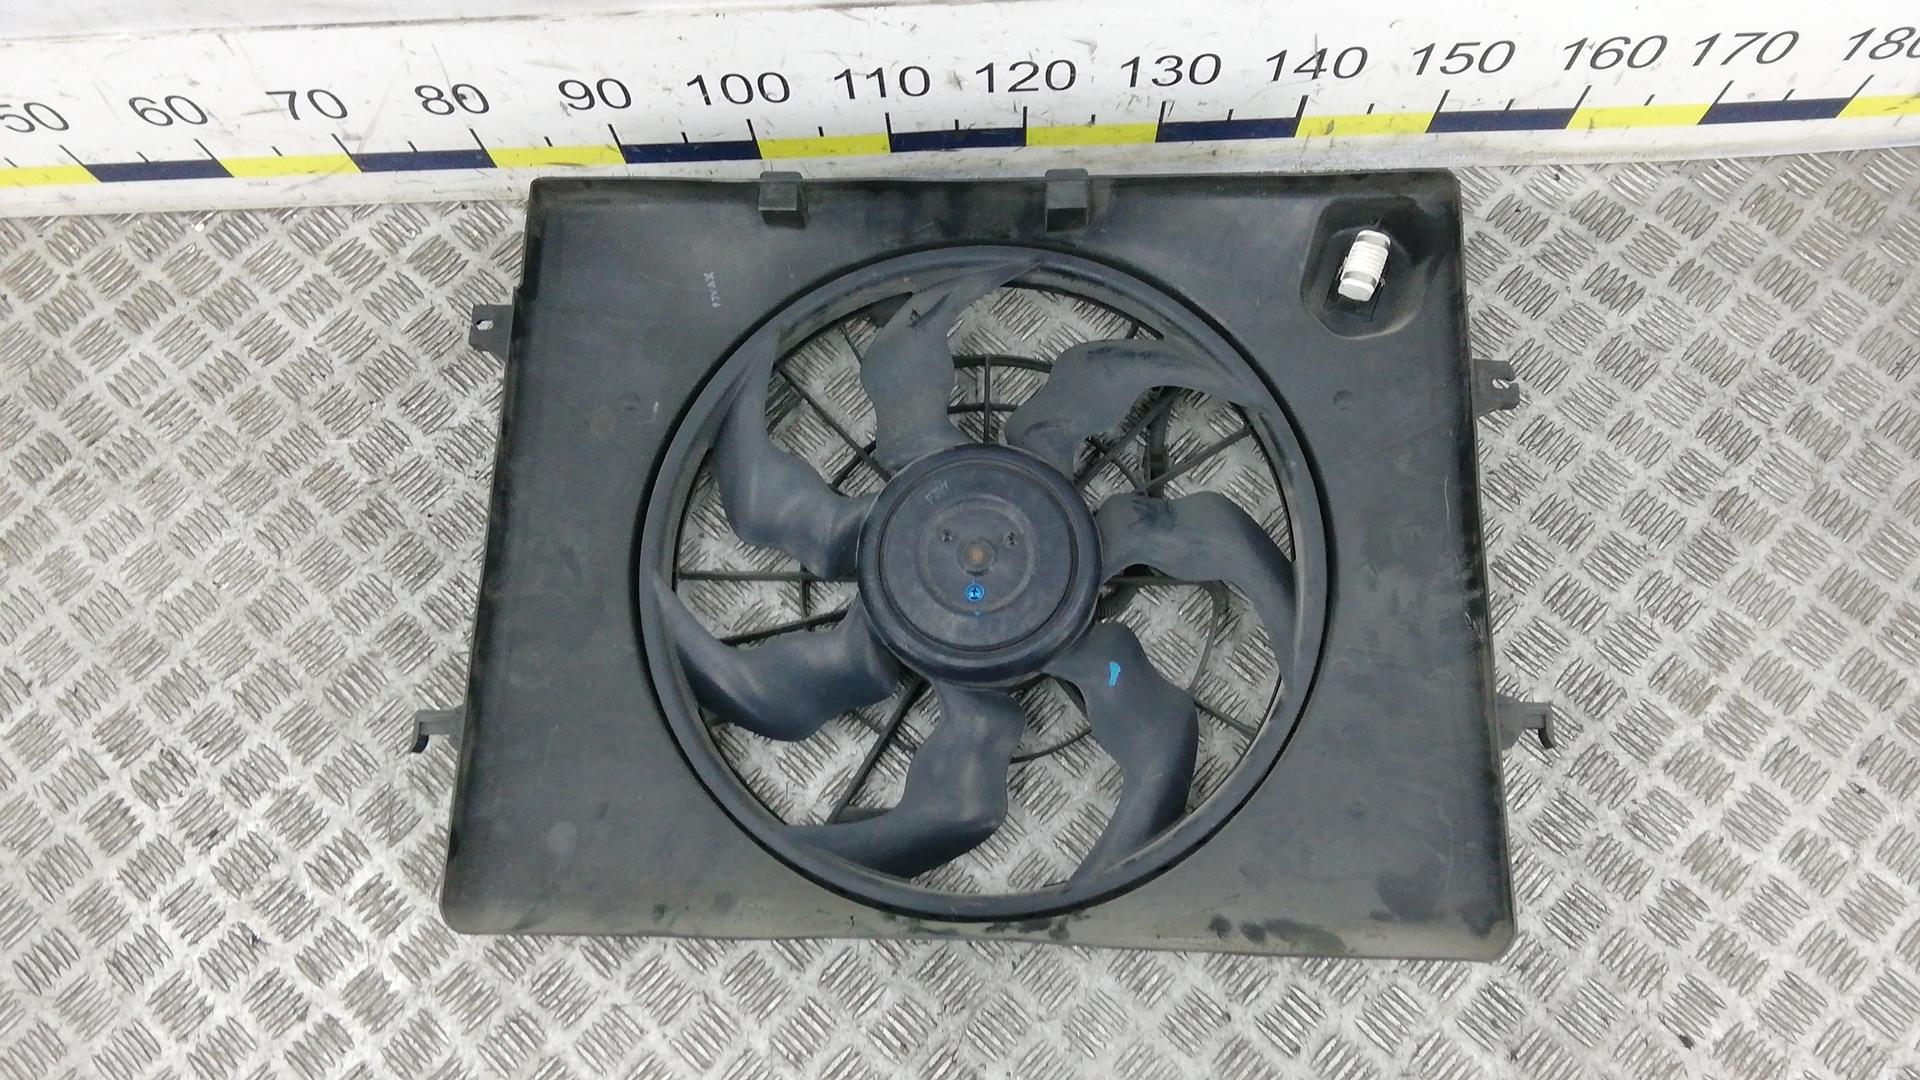 Вентилятор радиатора, KIA, OPTIMA 3, 2011